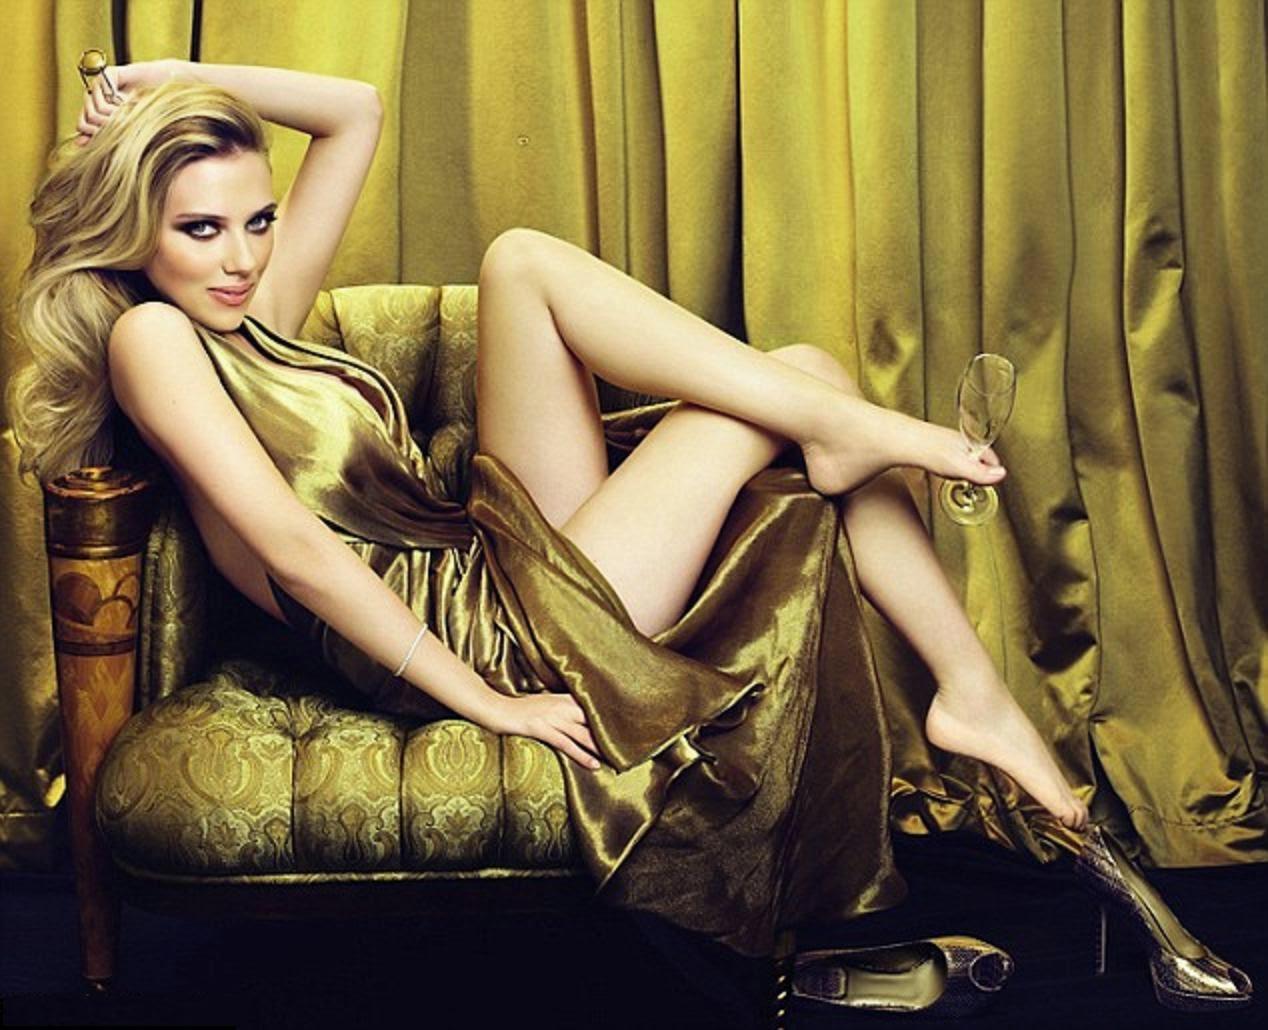 Scarlett Johansson Hd Wallpapers Free Download